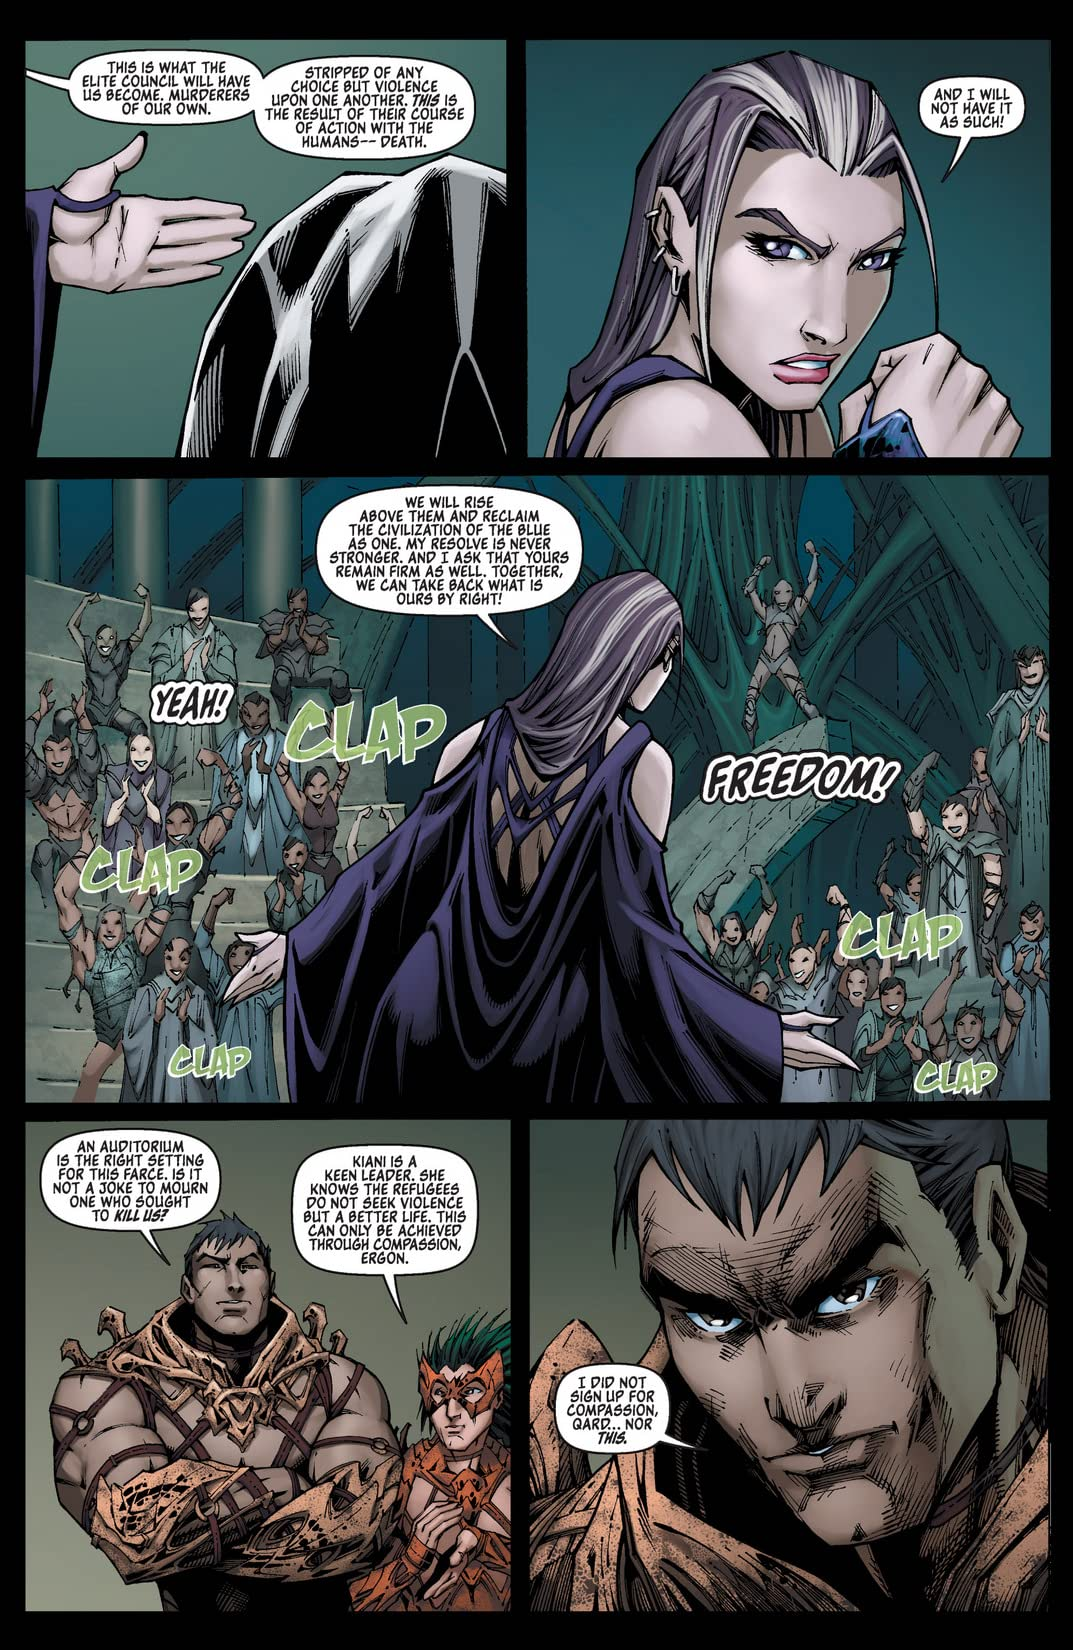 Fathom: Kiani Vol. 2 #3